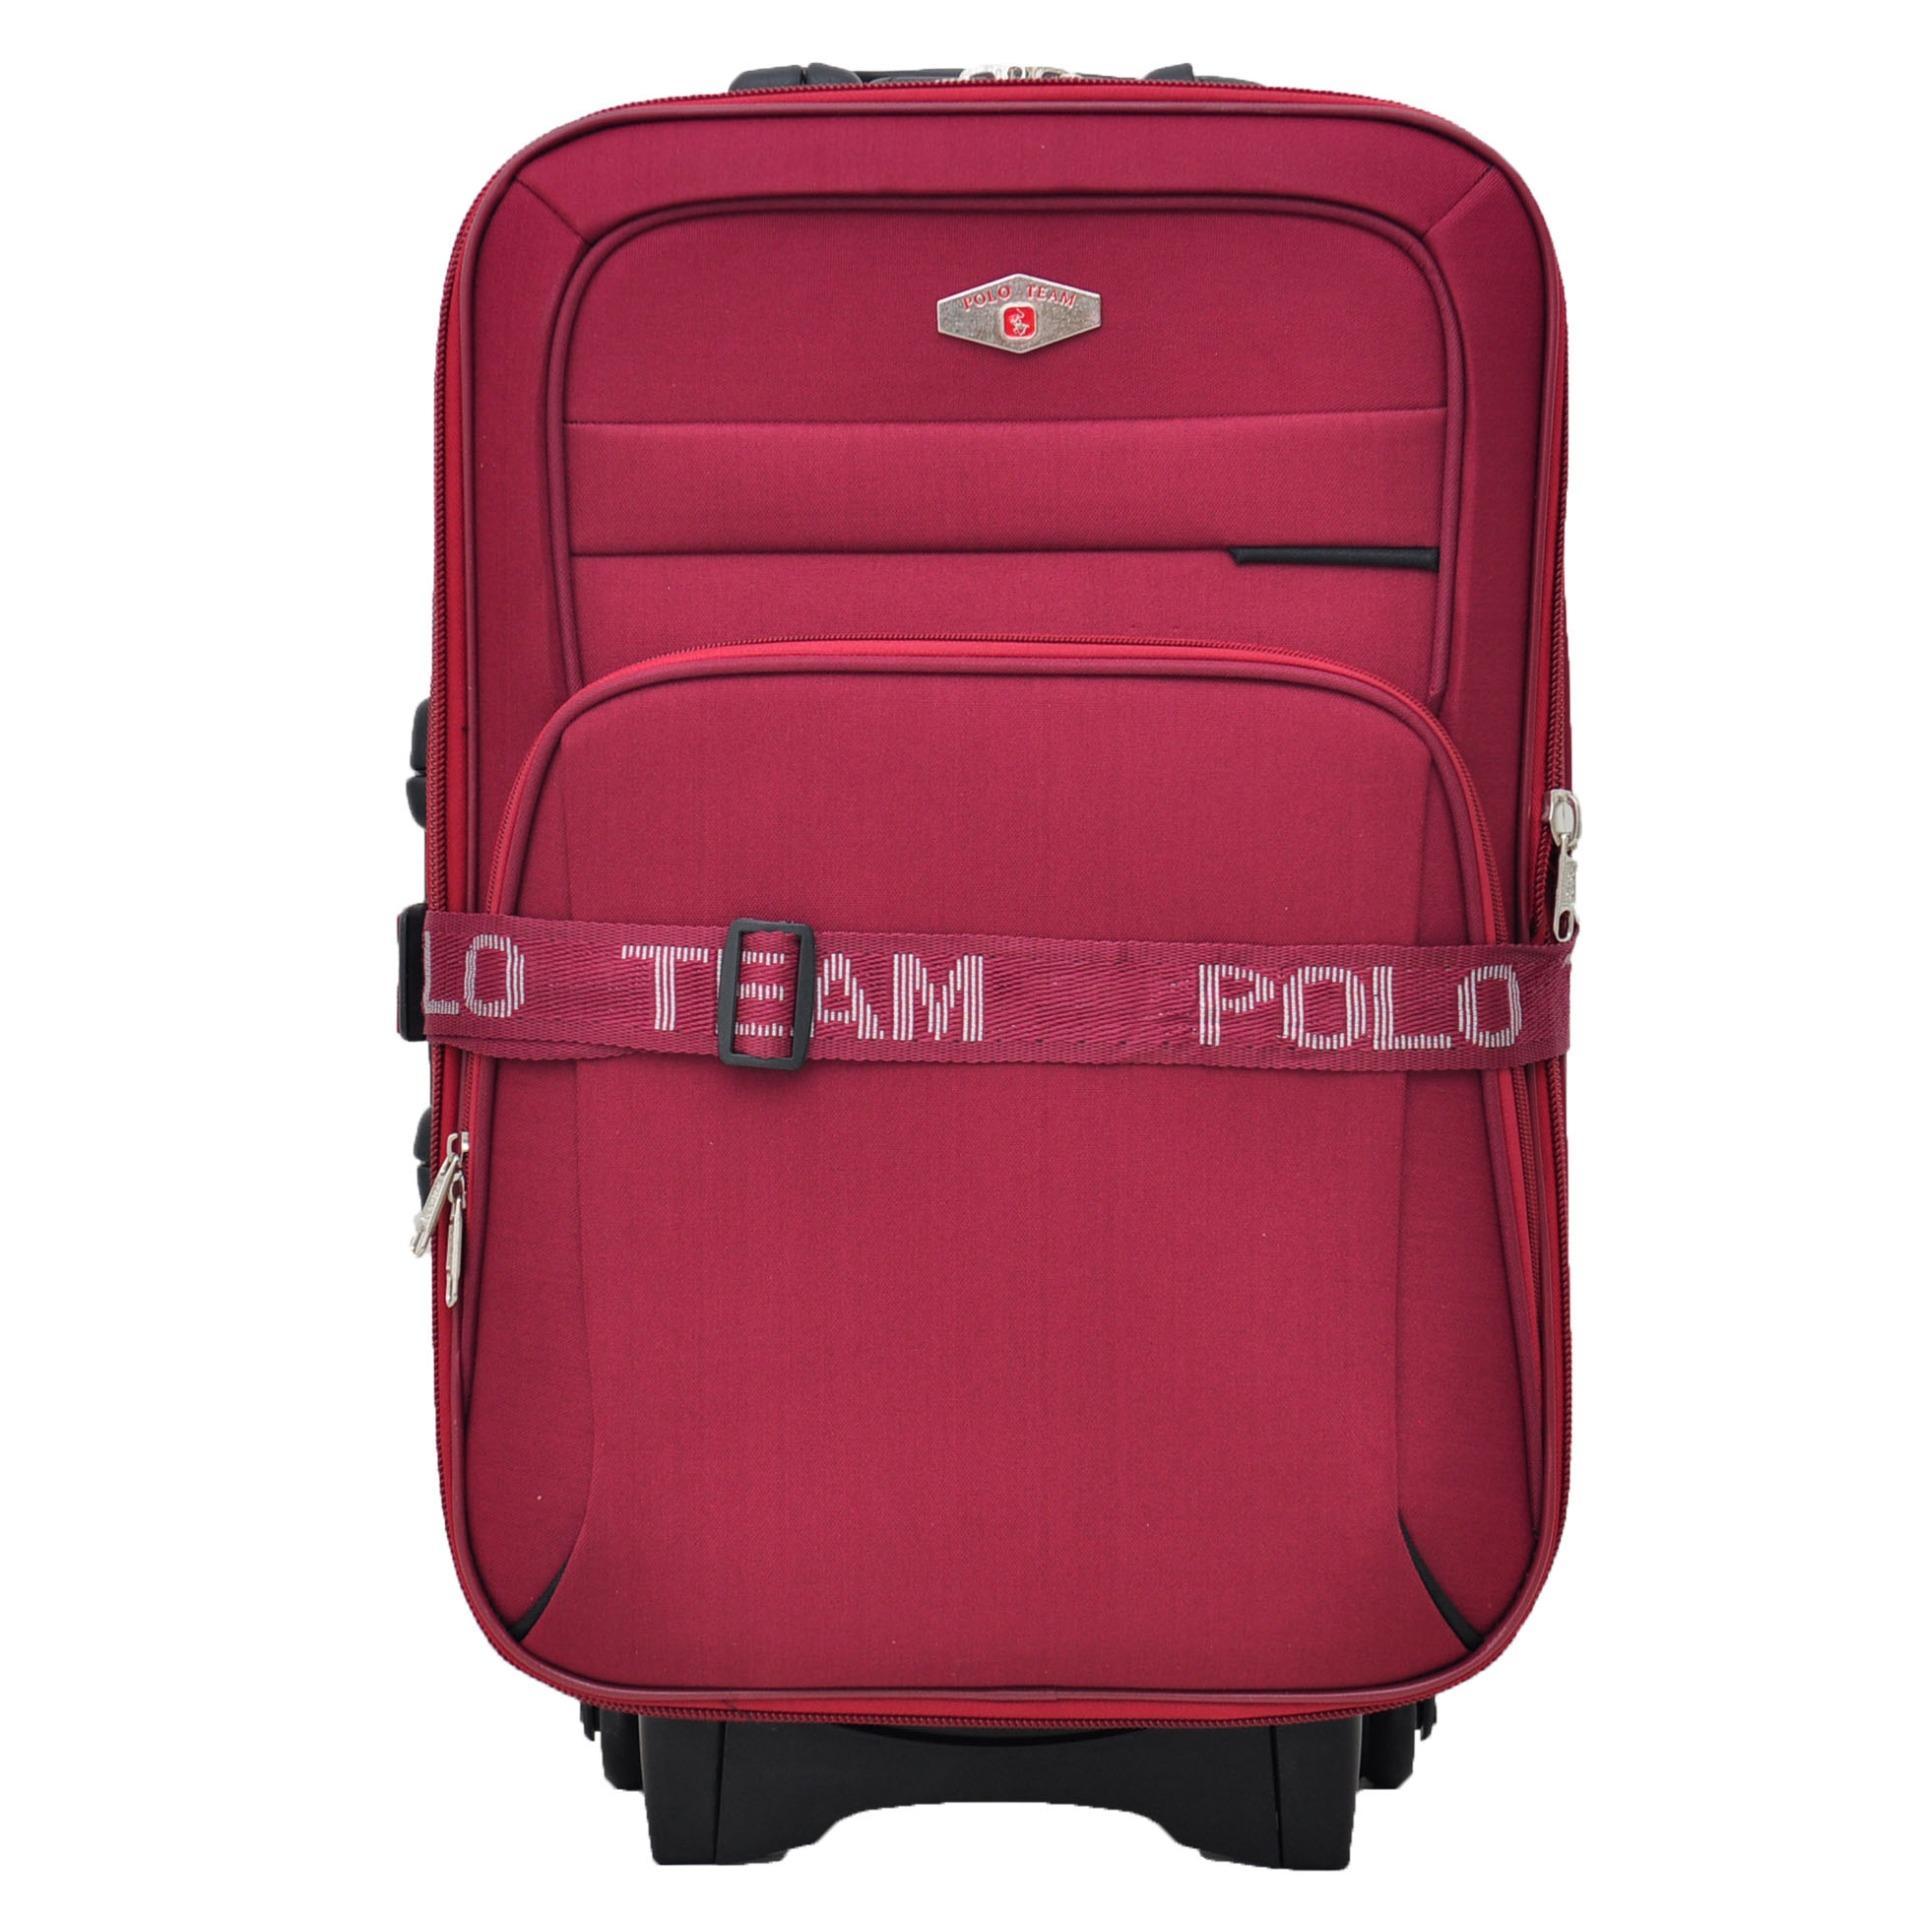 Koper Polo Hoby Abs 707 Green 1 Set 20 Dan 24 Inci Daftar Harga Tas Fiber Ampamp Inch Coffe Team 092 Gratis Pengiriman Jabodetabek Merah